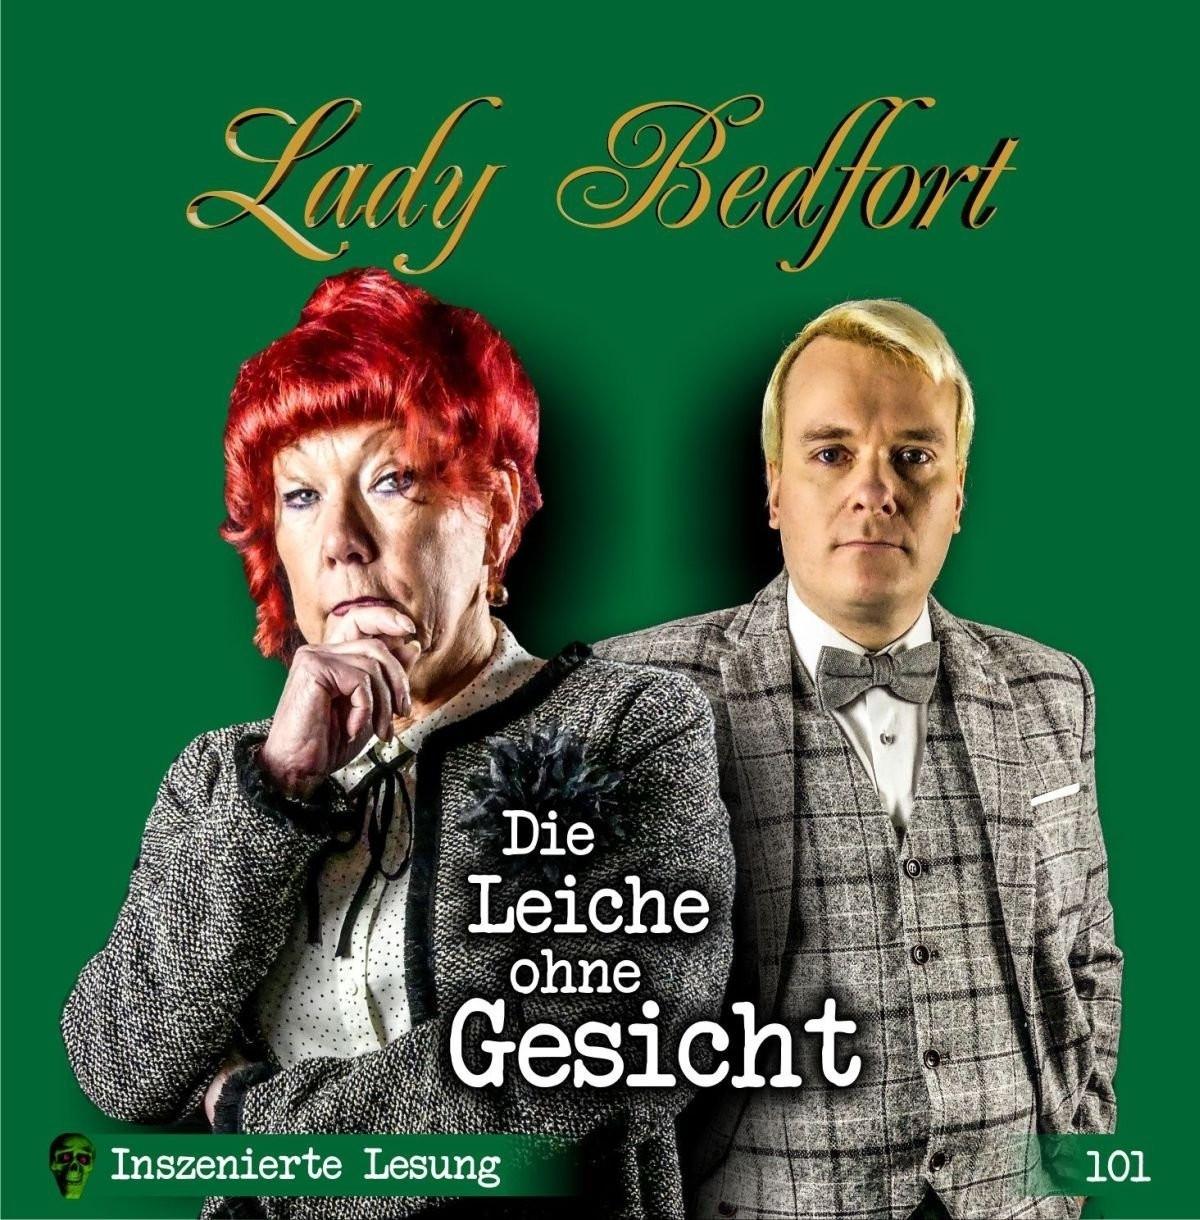 Lady Bedfort - Folge 101: Die Leiche ohne Gesicht (Inszenierte Lesung)